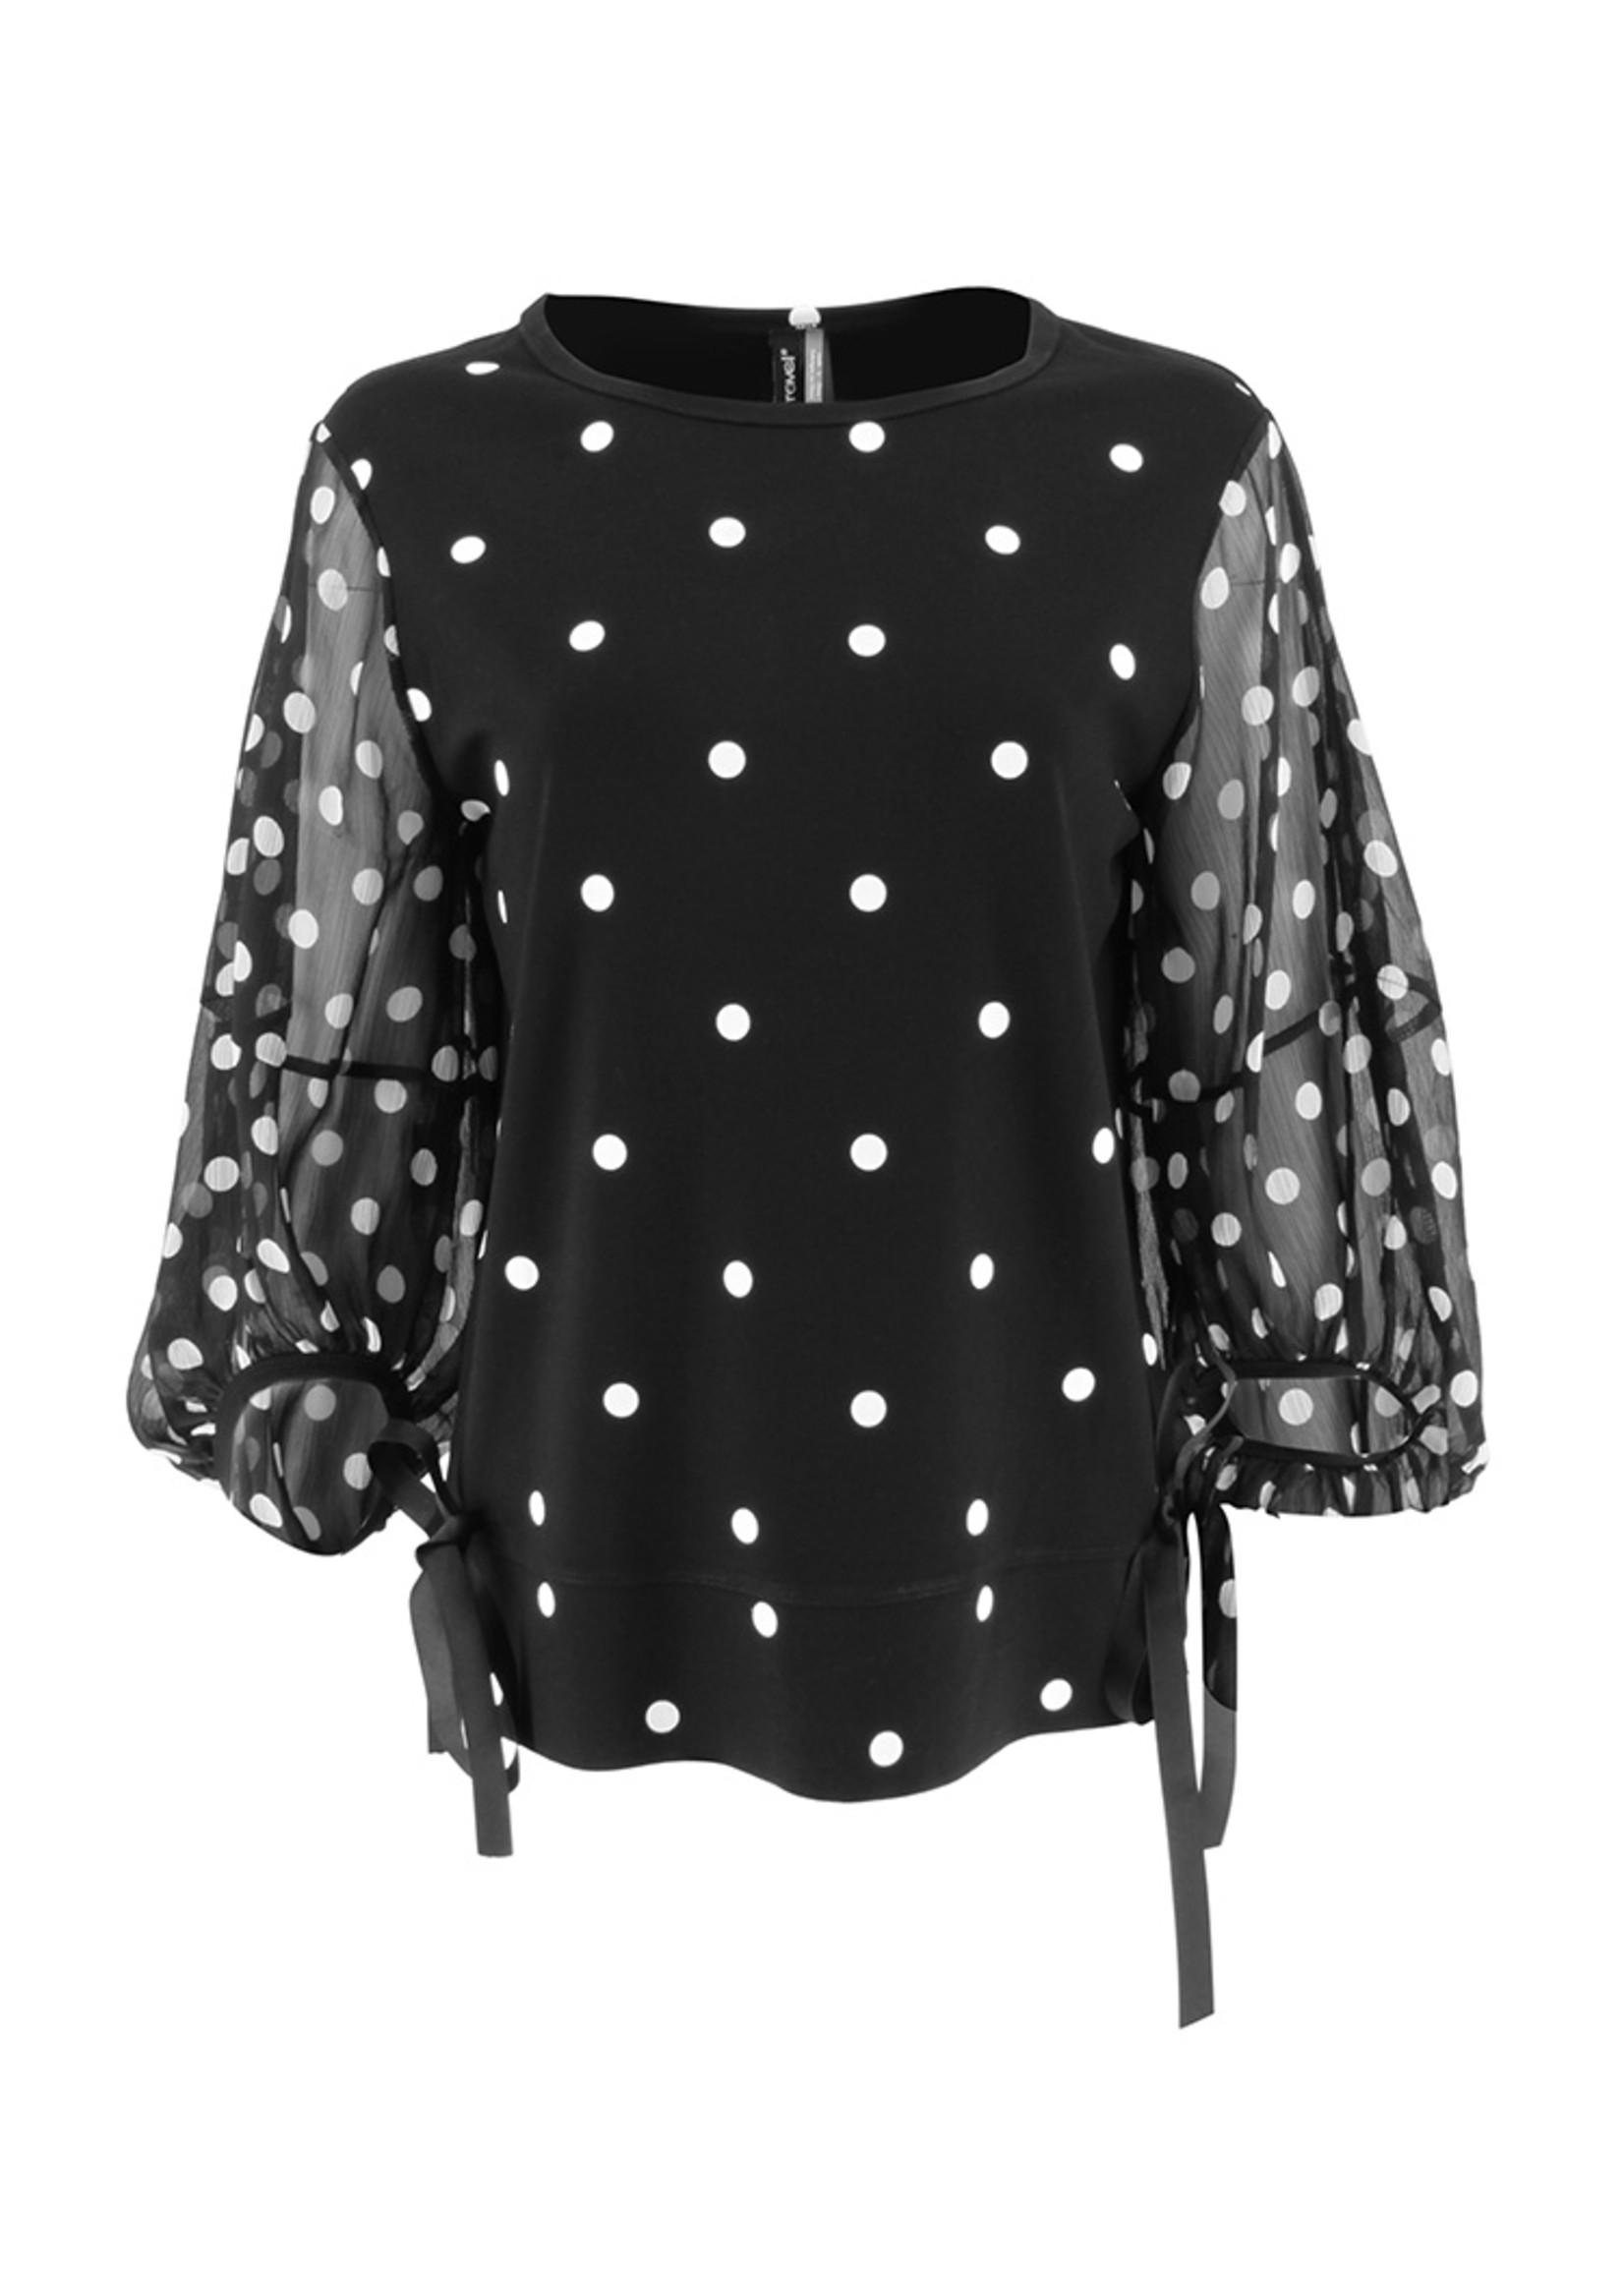 Ravel Black and White Polka Dot Top Sheer Sleeves Medium